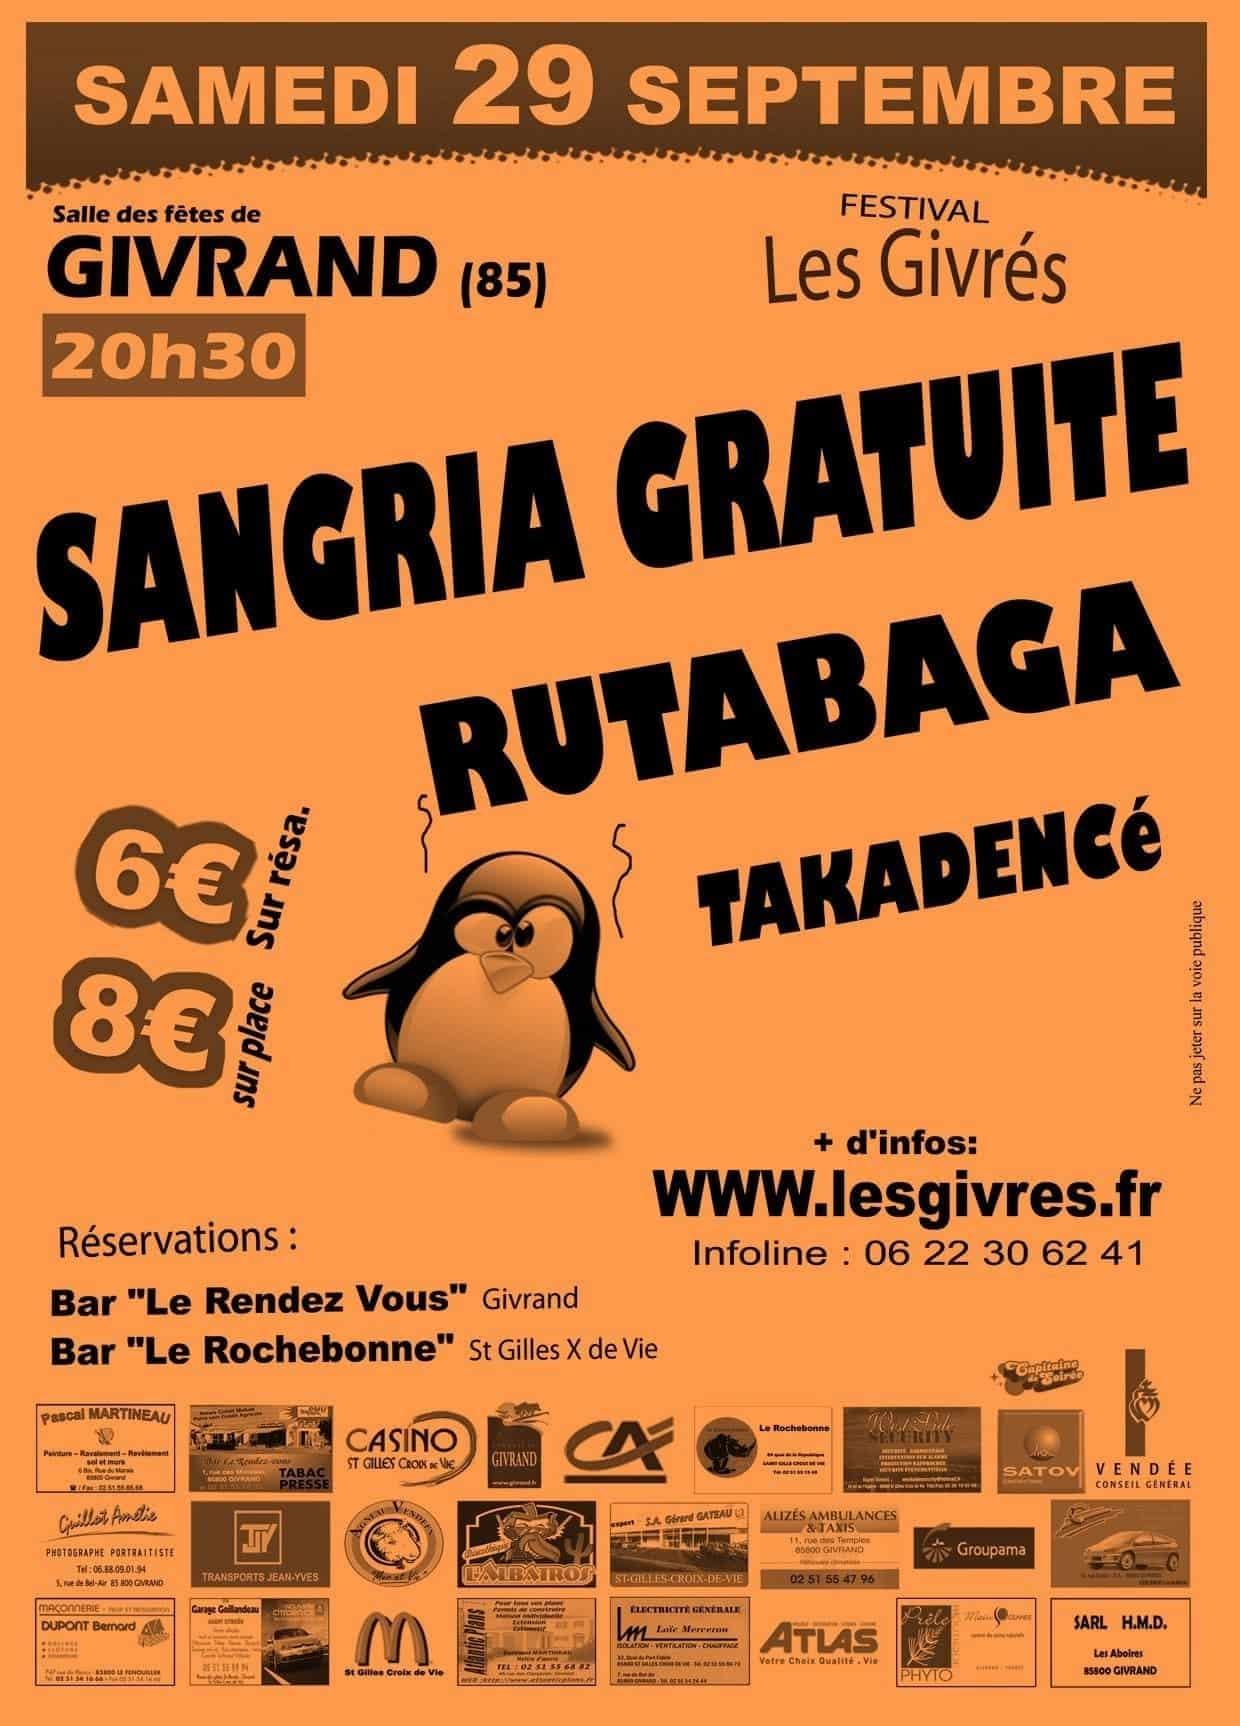 Affiche Festival Les Givrés 2007 - Givrand